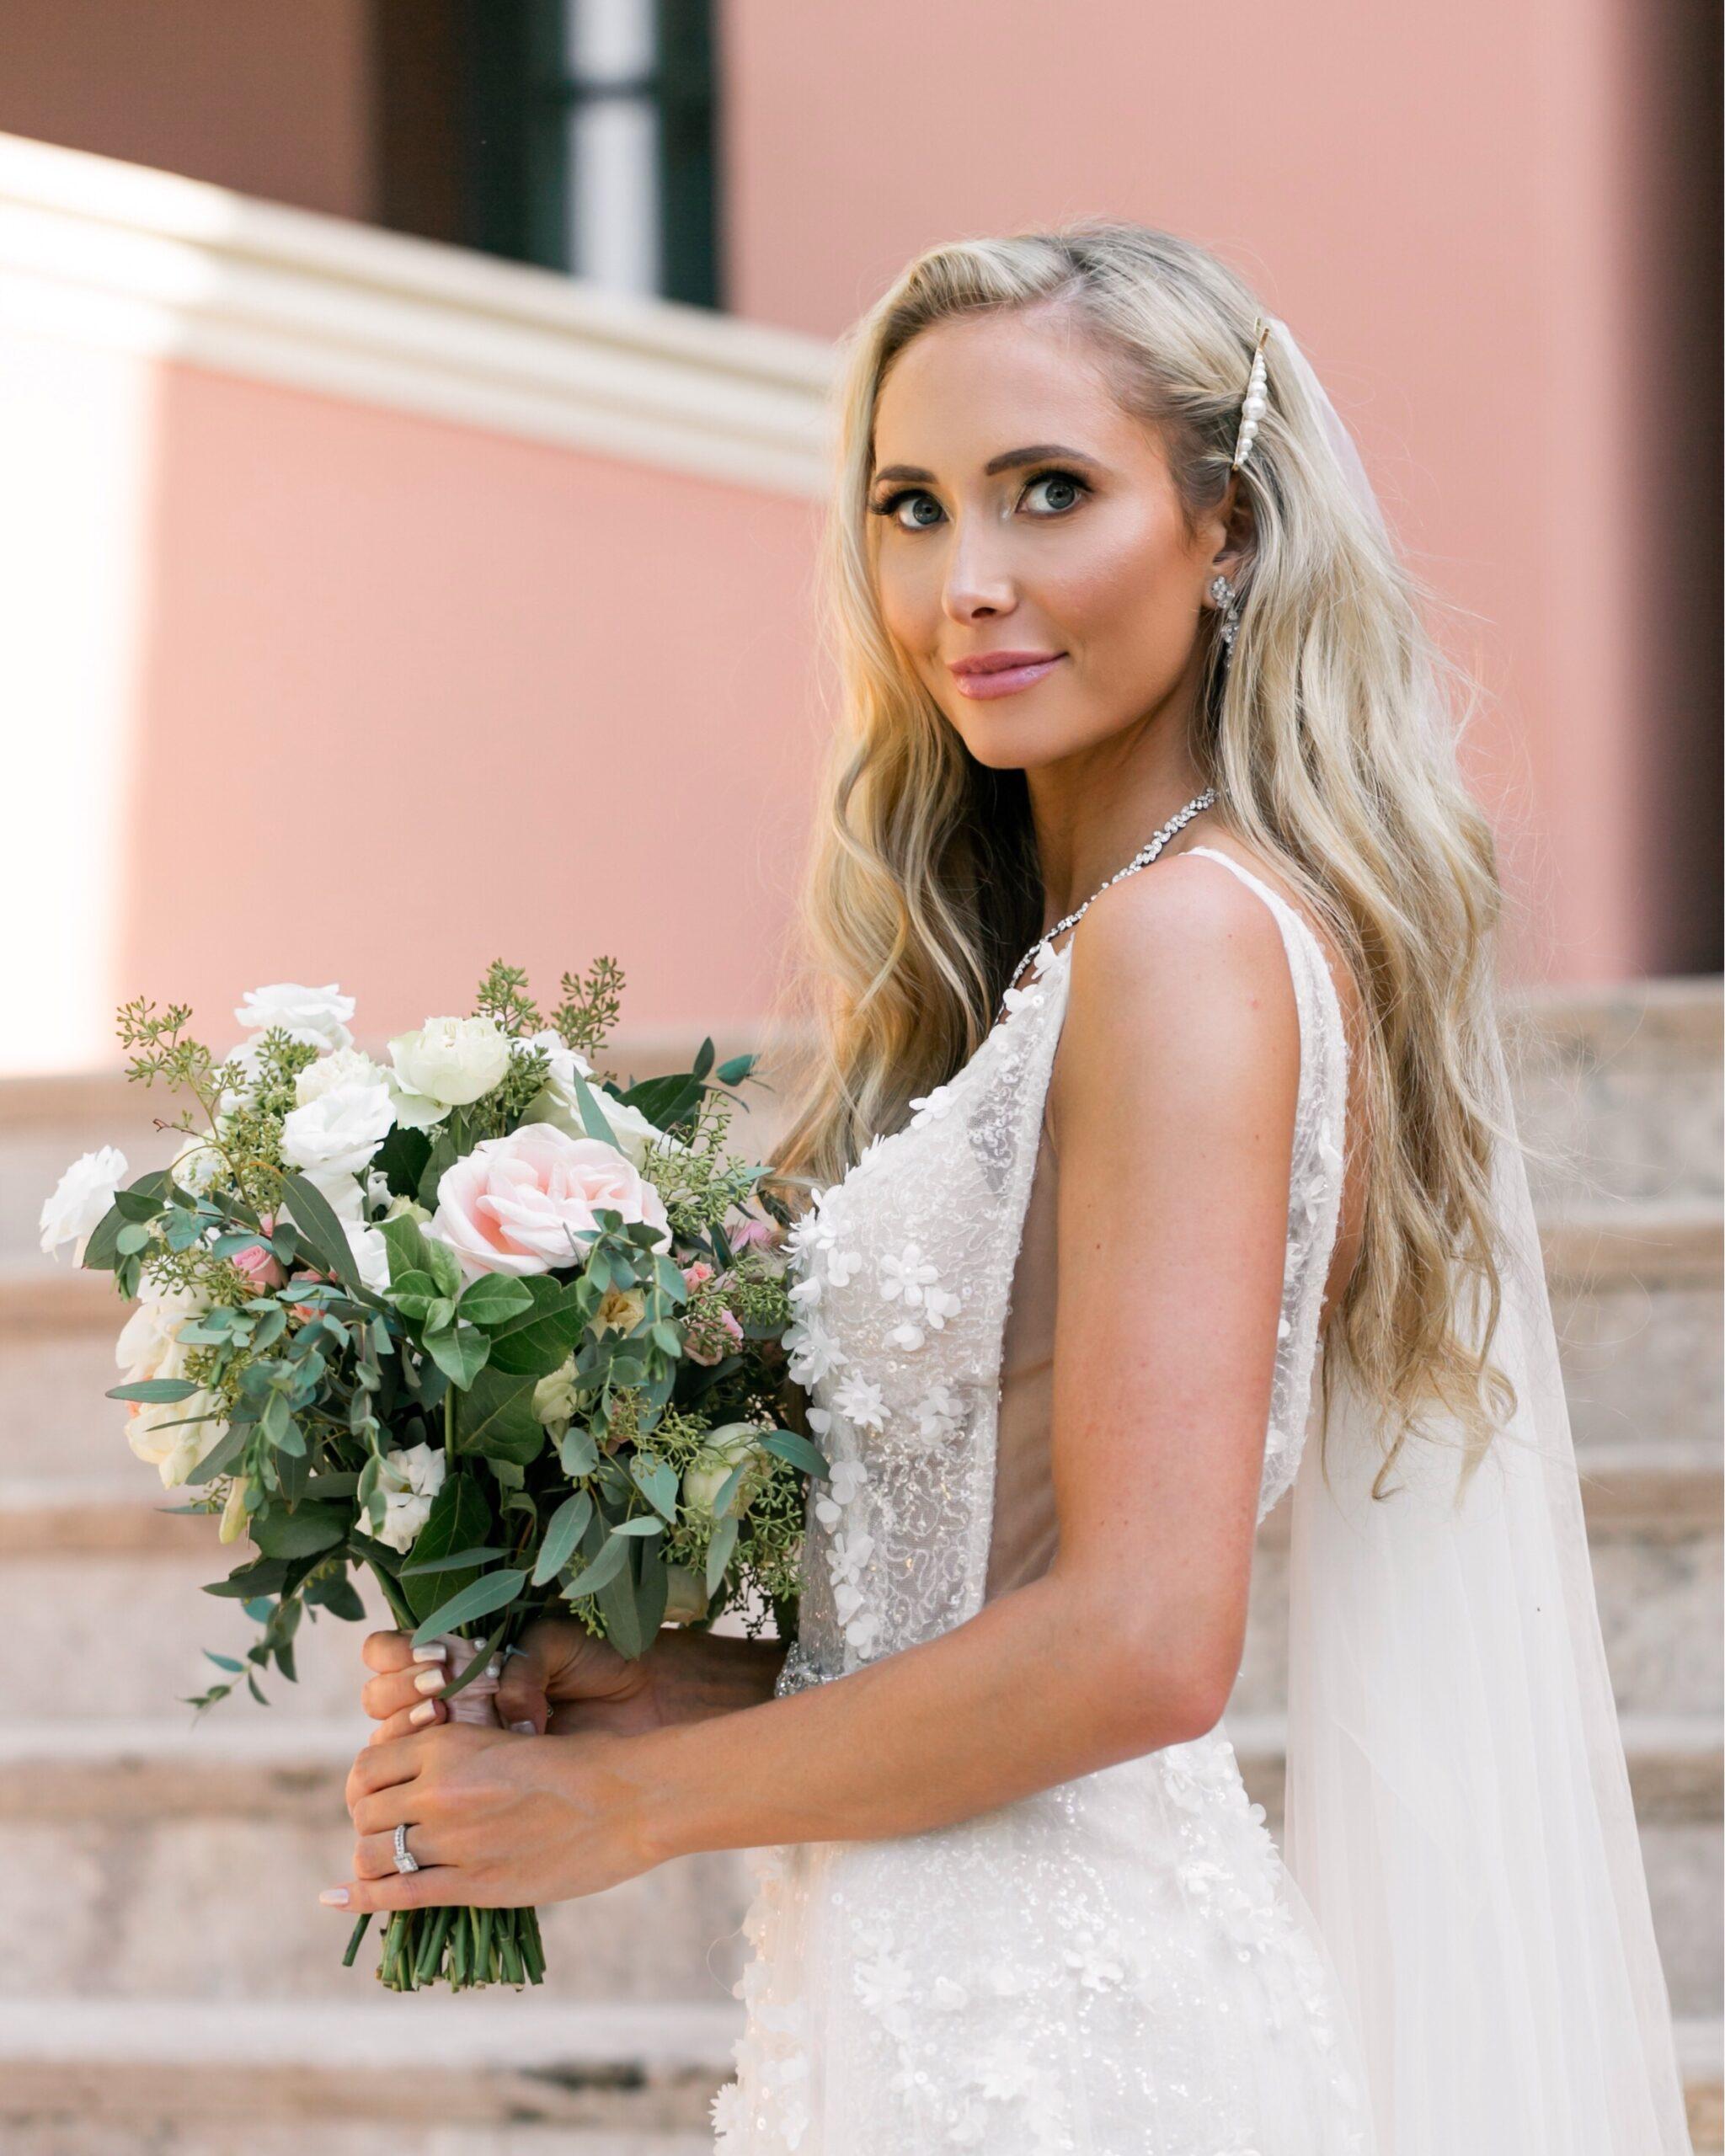 Kerstin, makeup artist Costa del Sol